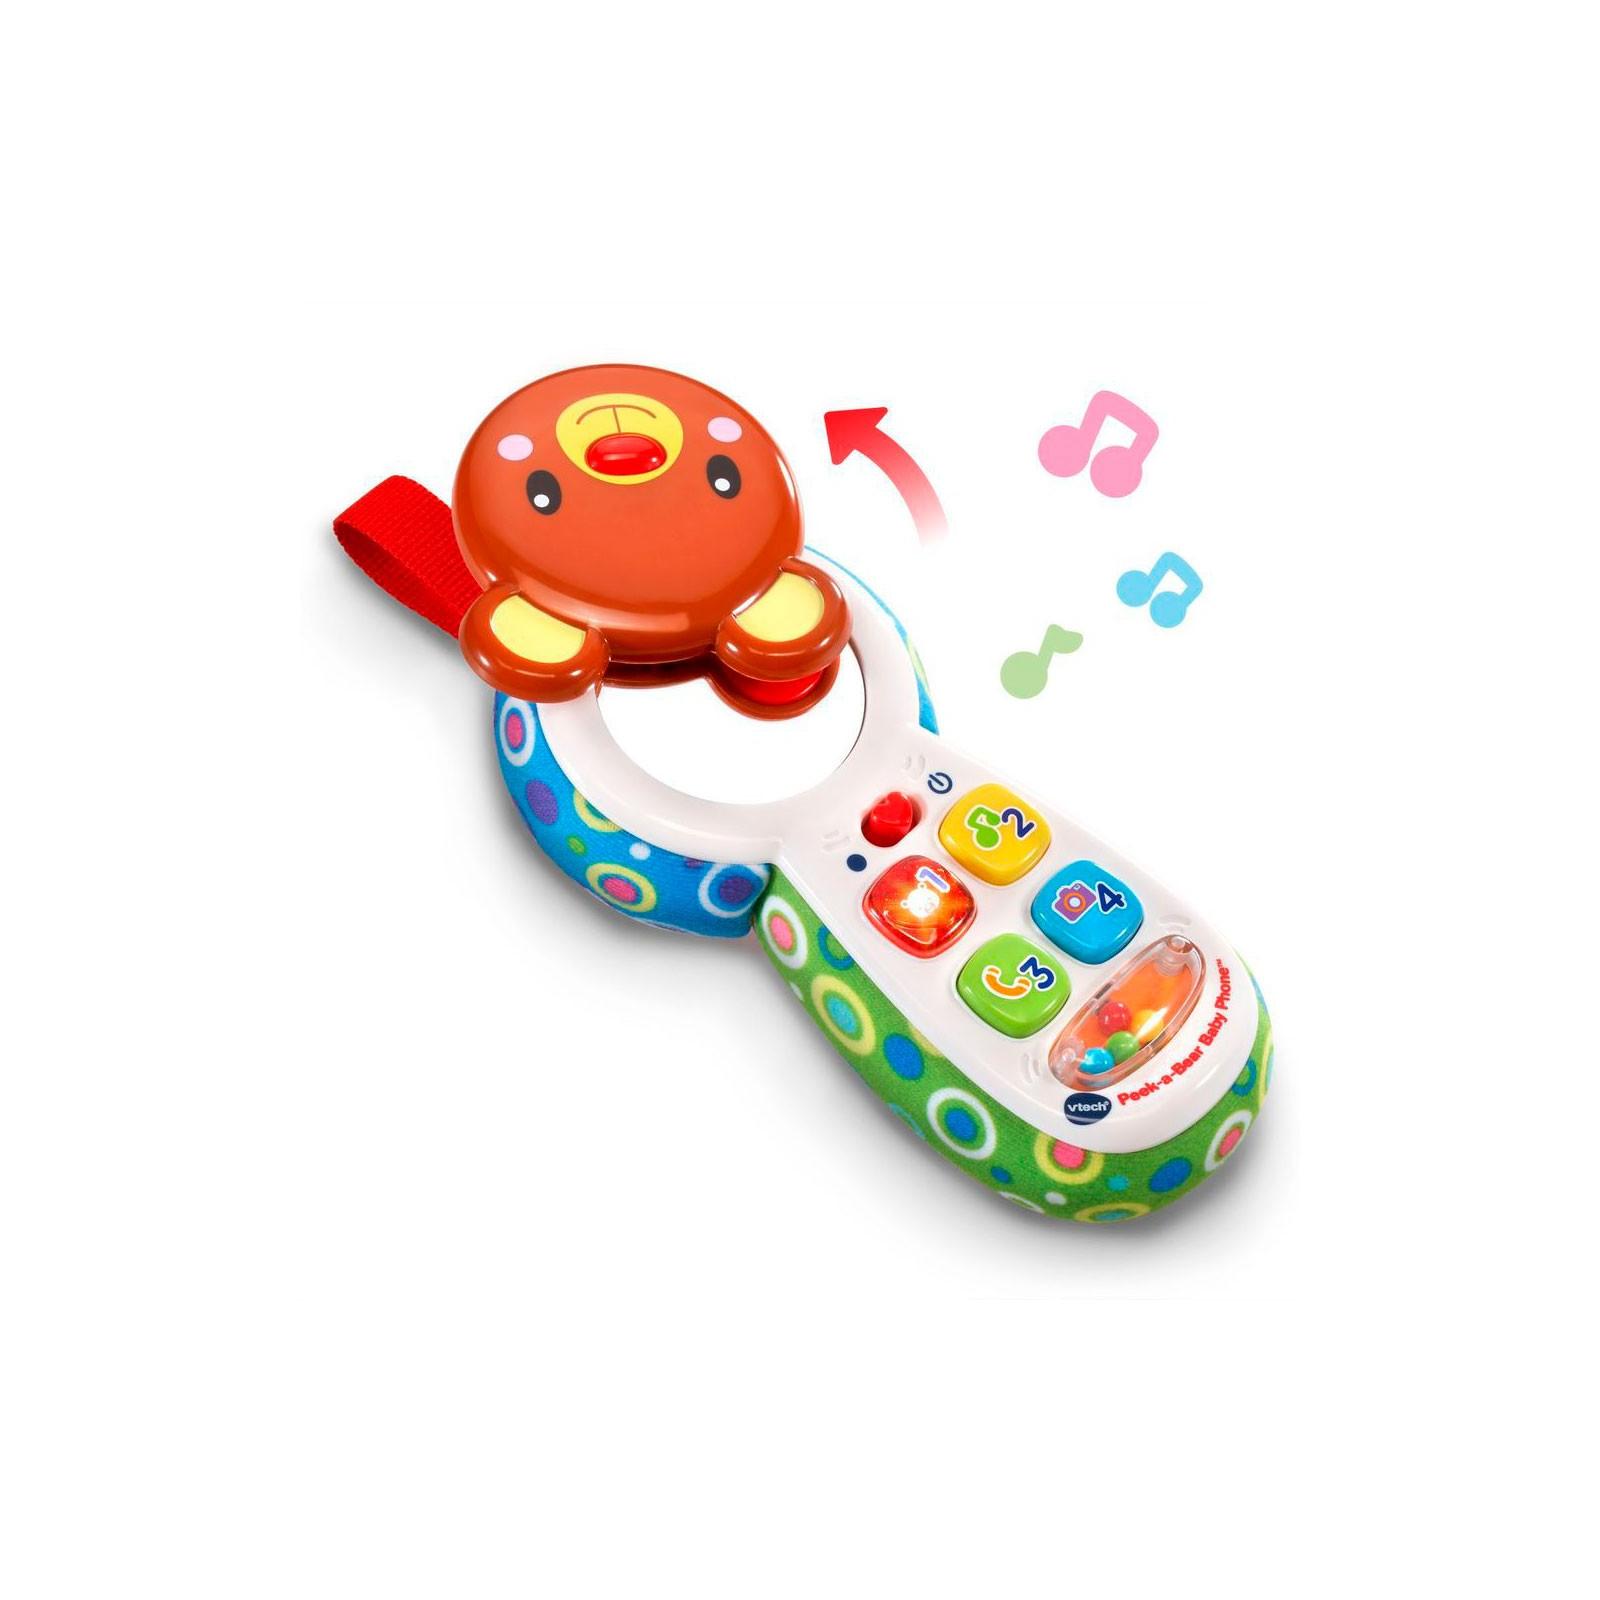 Развивающая игрушка VTech телефон Отвечай и играй со звуковыми эффектами (80-502726) изображение 2